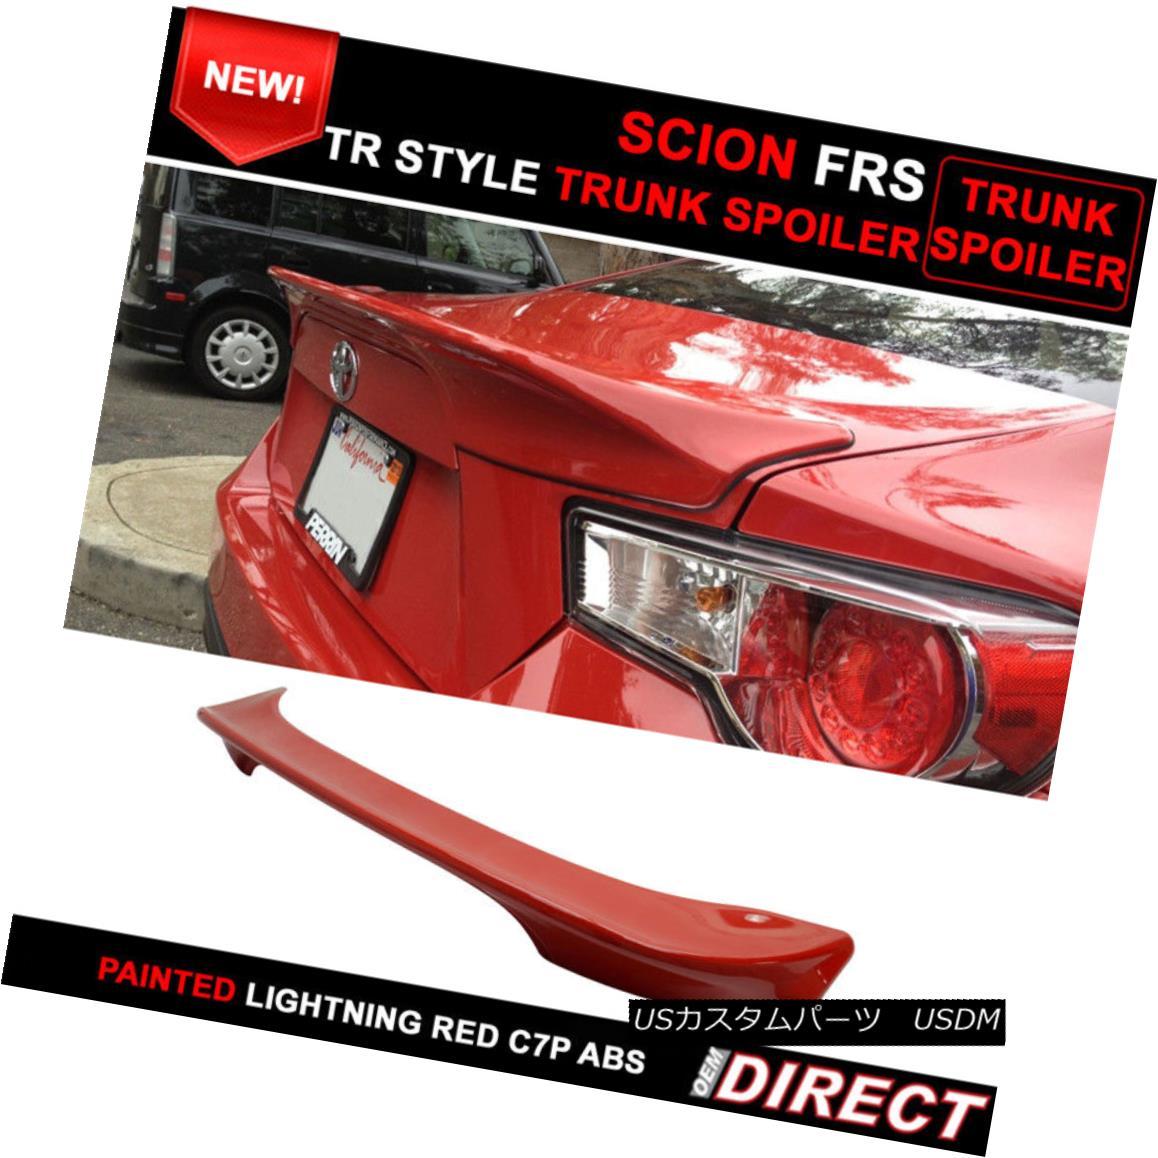 エアロパーツ Fits 13-15 Lightning Red Firestorm #C7P Scion FRS Subaru BRZ Tr Trunk Spoiler Fight 13-15 Light Red Firestorm#C7P Scion FRSスバルBRZ Trトランク・スポイラー